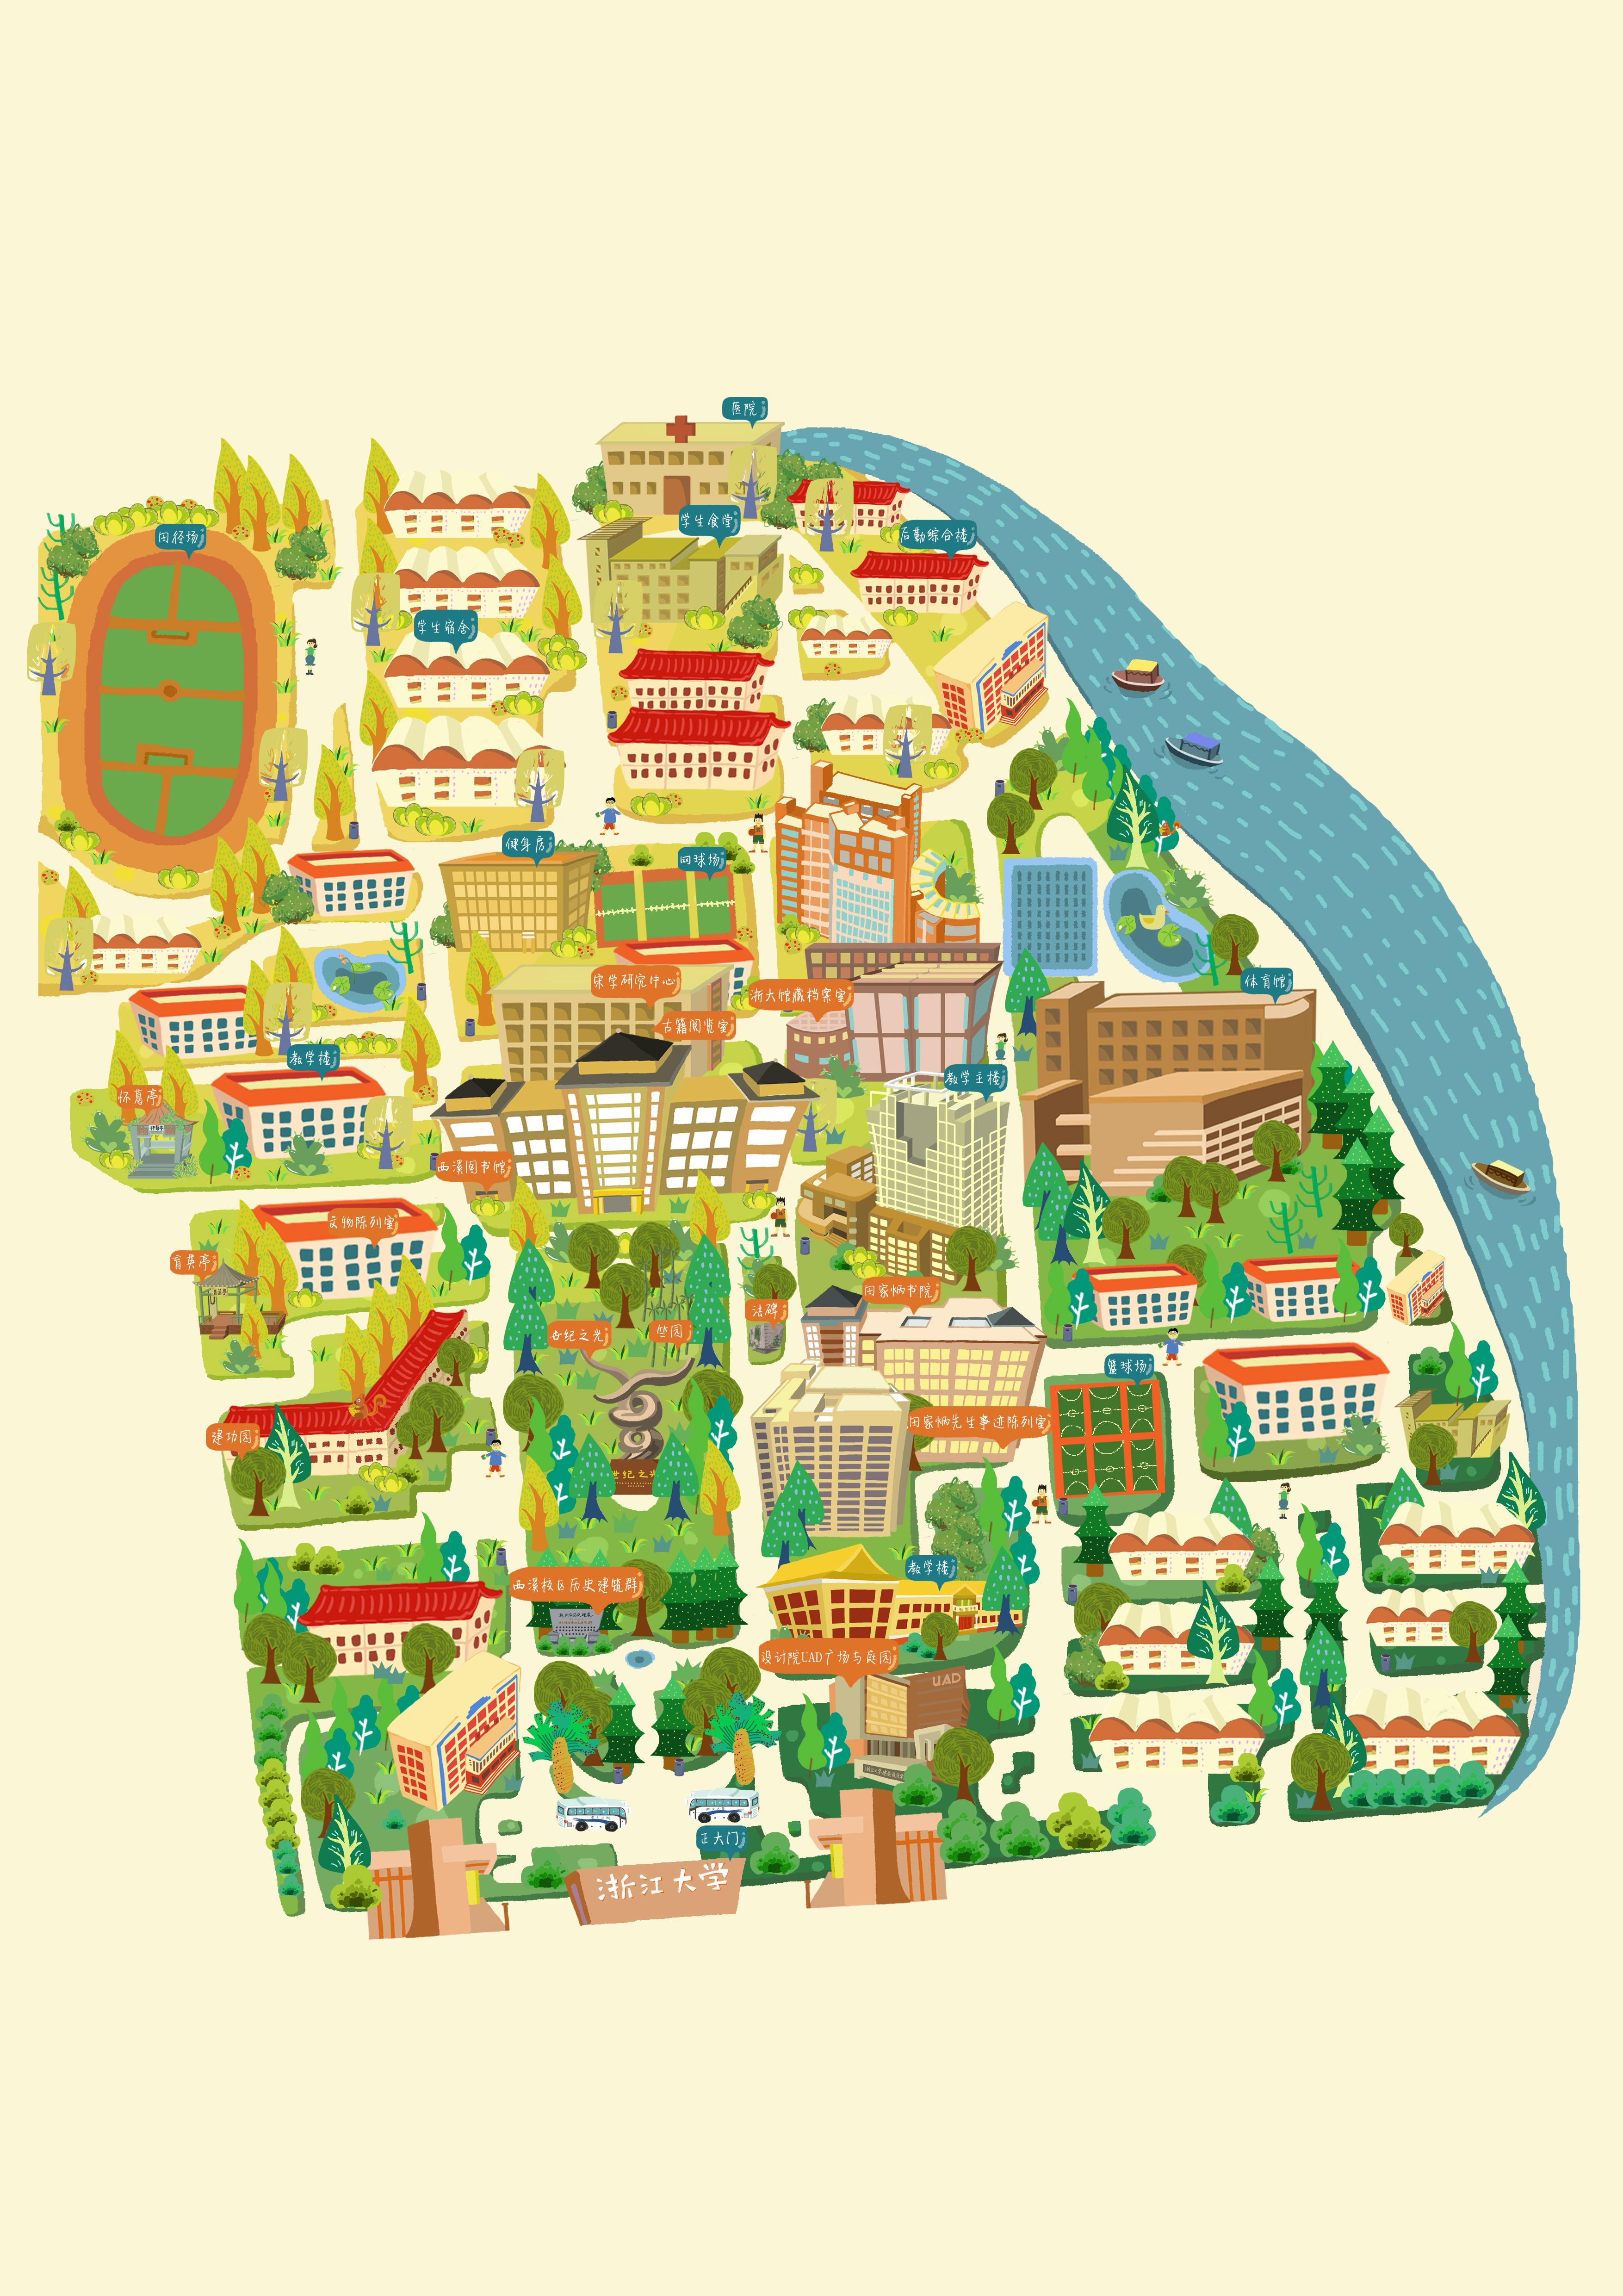 报创作的手绘大学地图,也是我第一个手绘版创作,我画的是浙大西溪校区